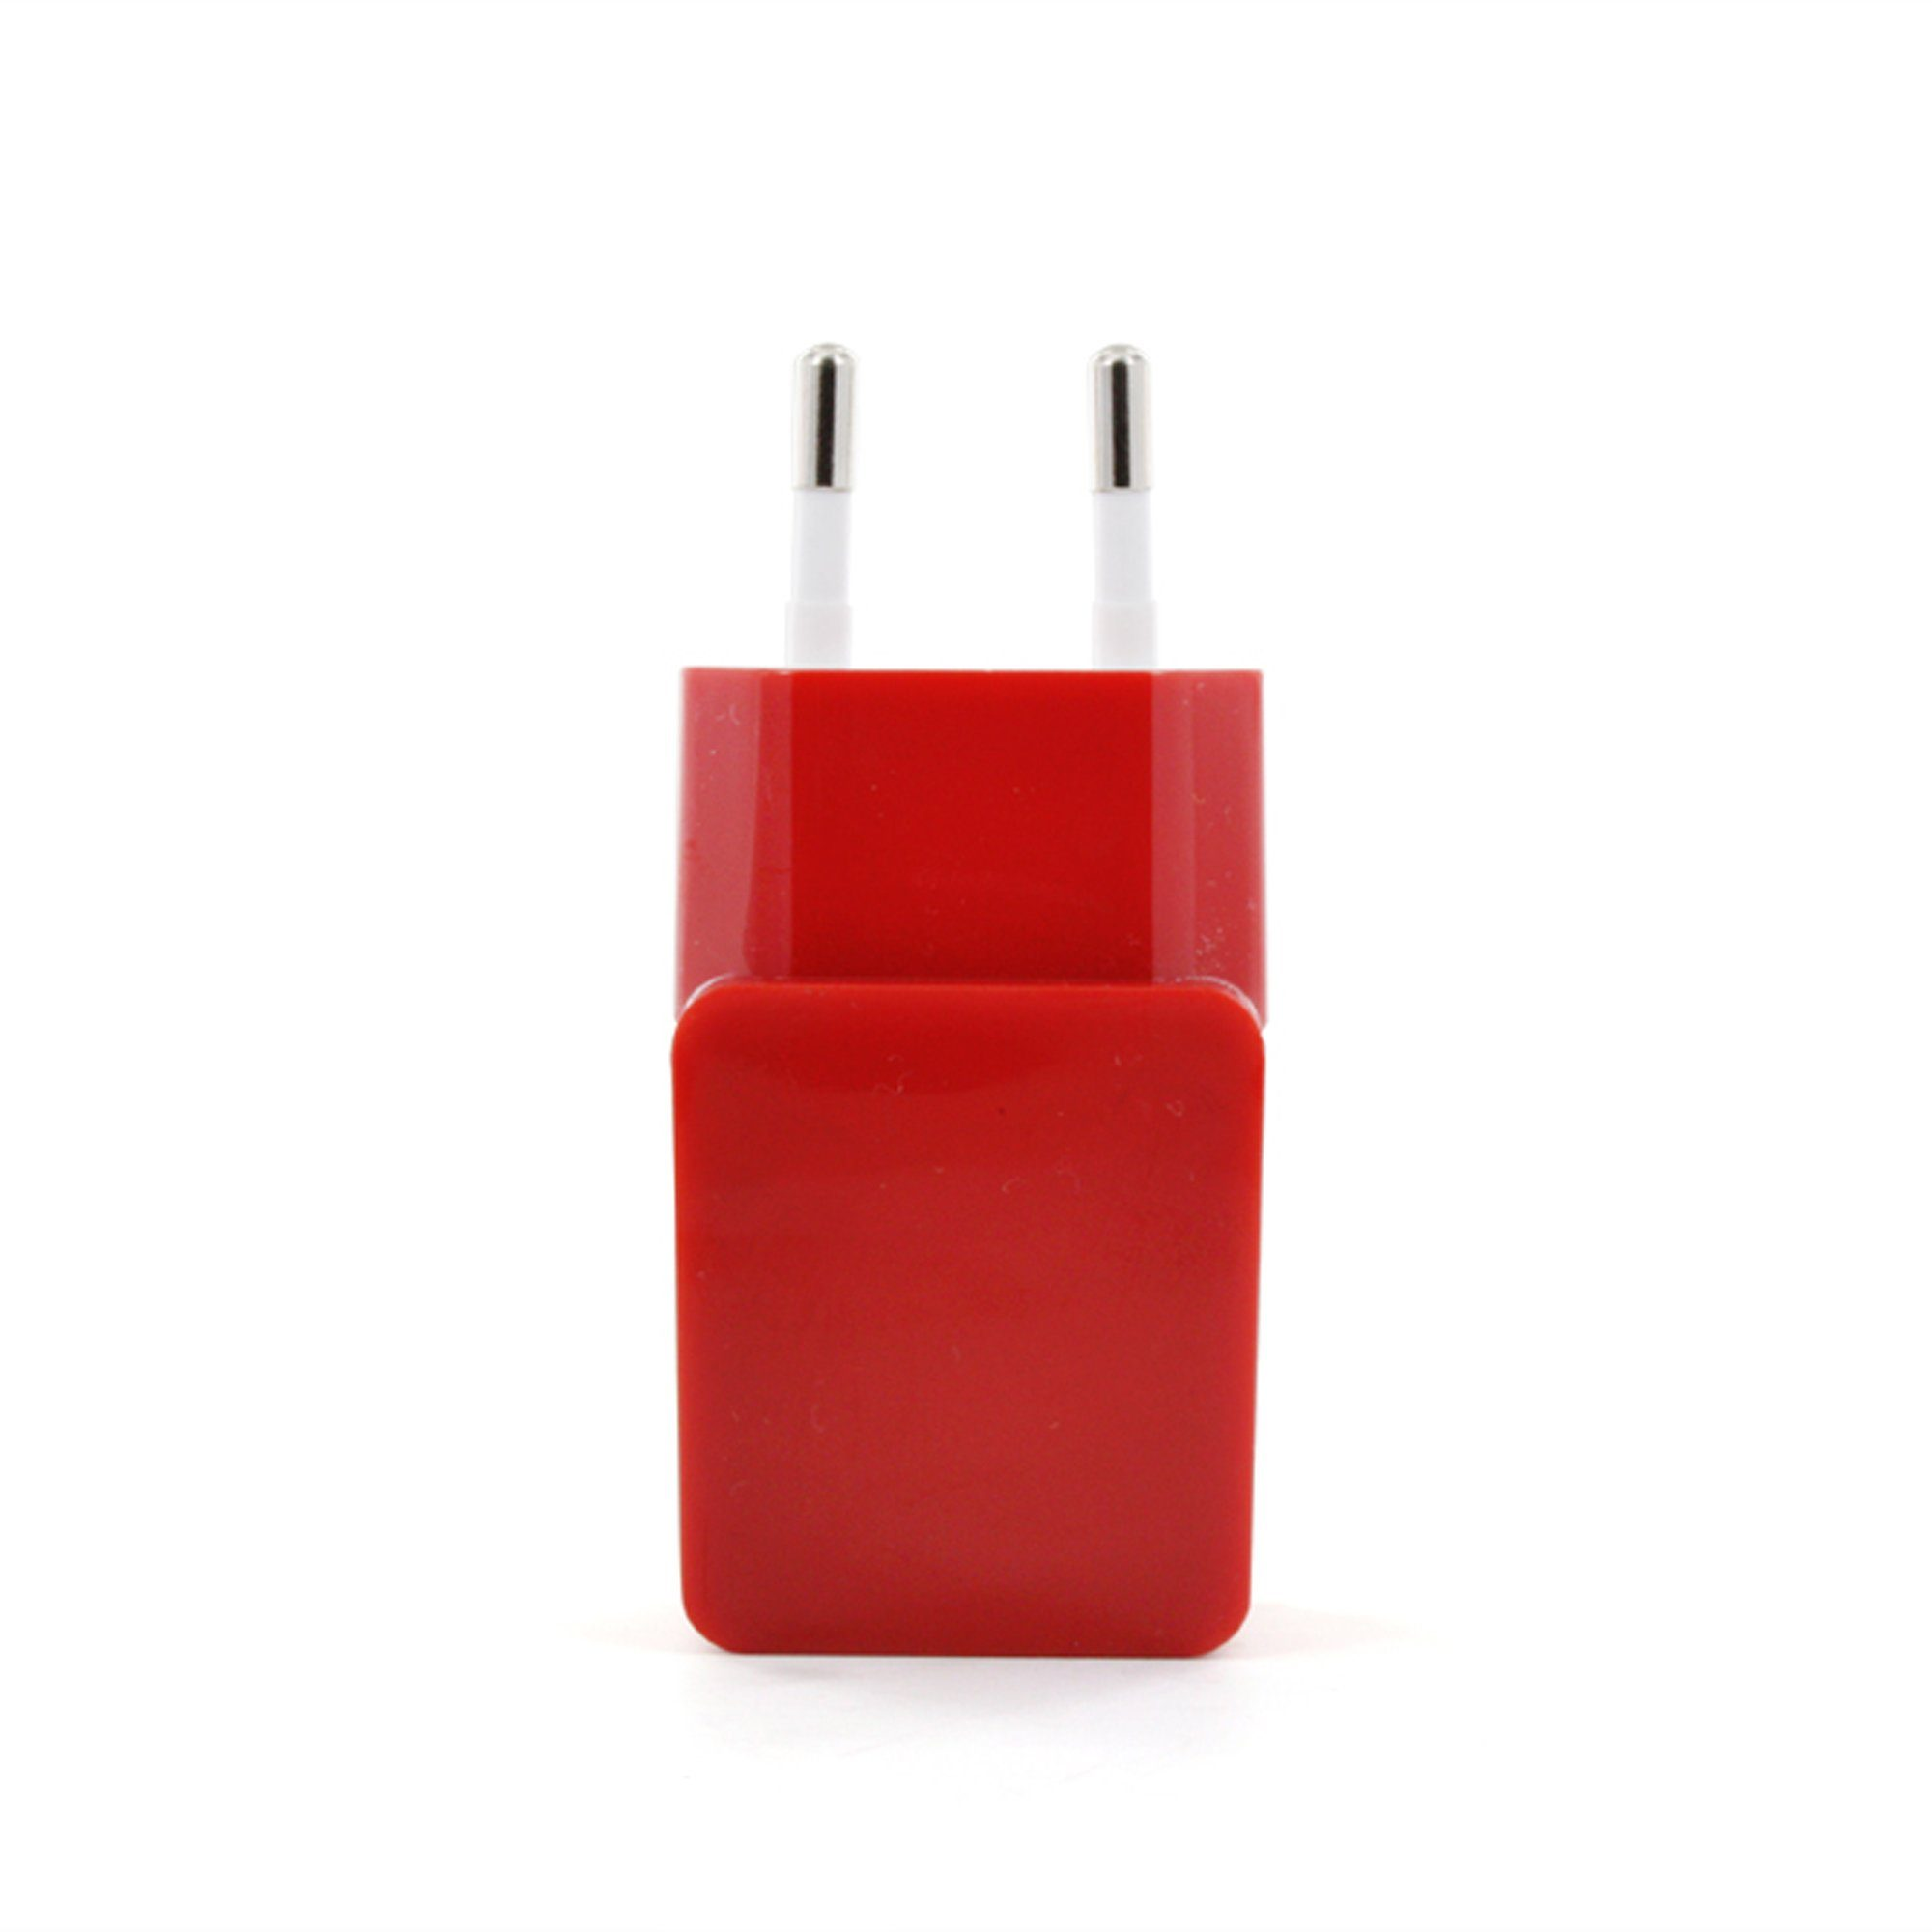 connect IT Ladegerät »IT Colour Line USB Netzteil 1A Rot«